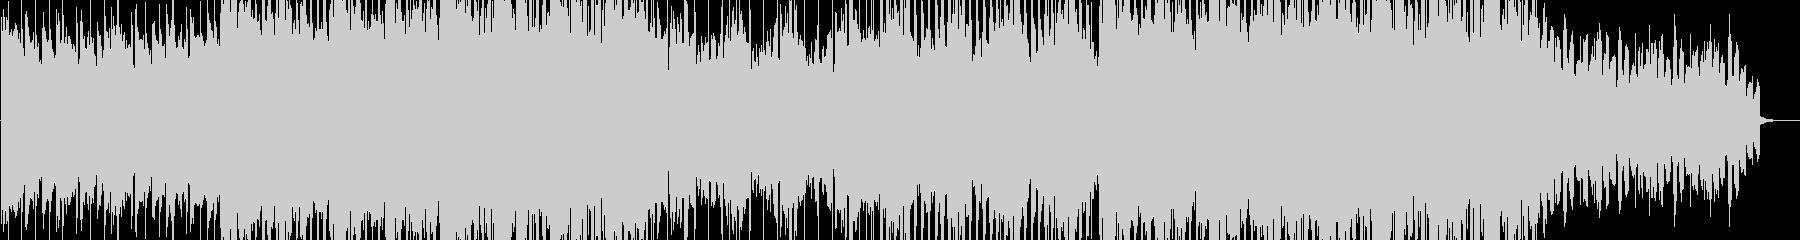 感動的な電子音楽の未再生の波形